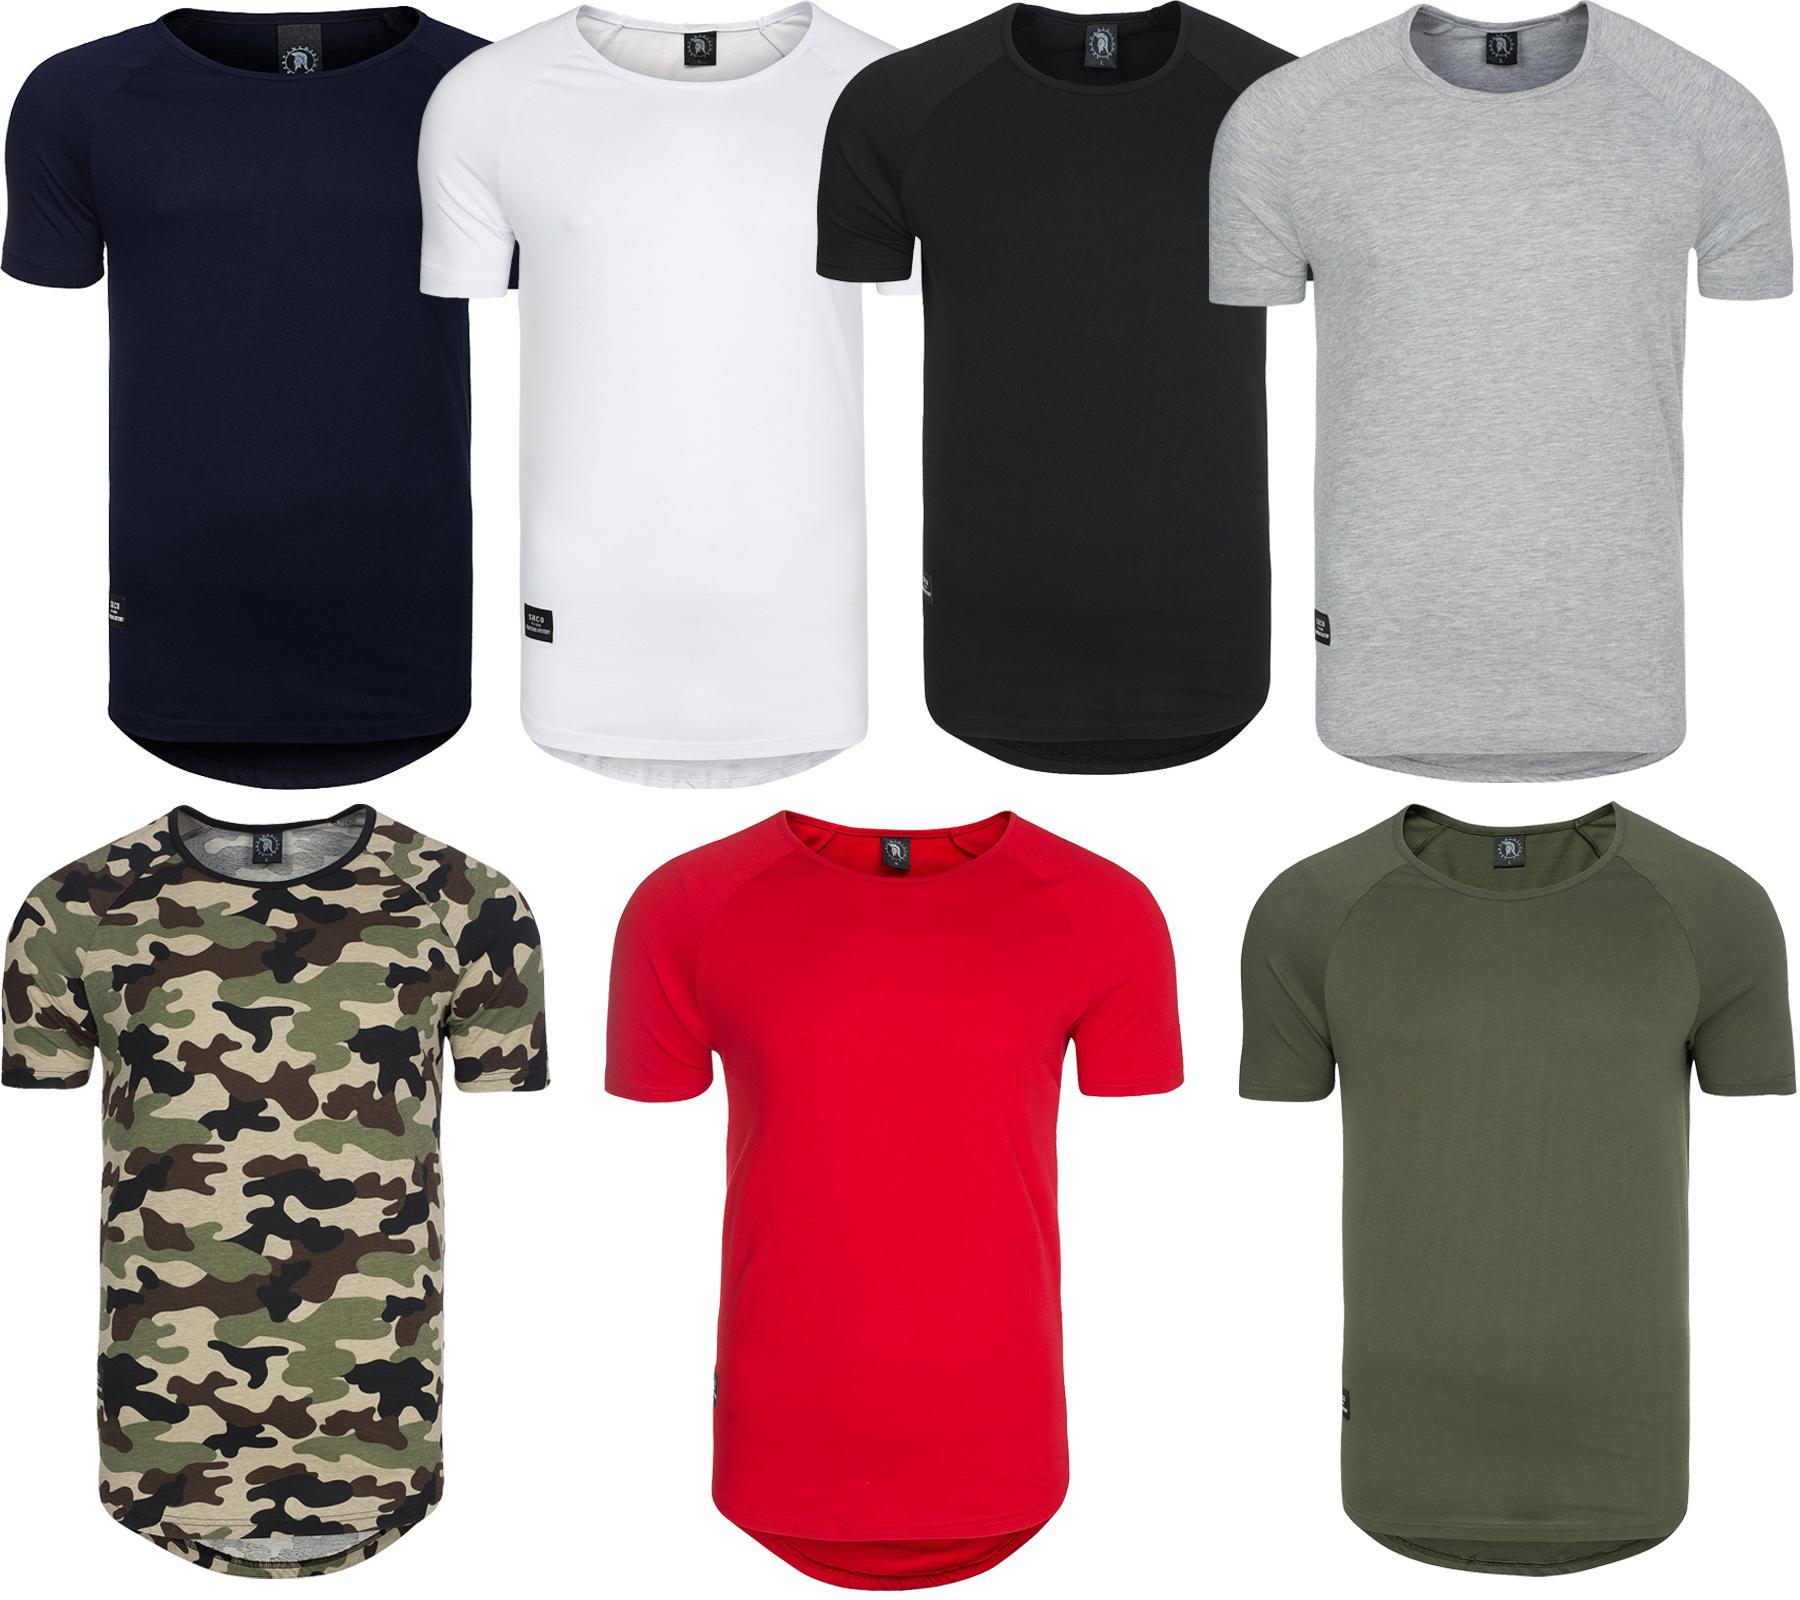 Spartans History Oval T-Shirts in 7 Farben und Größen S, M, L, XL und XXL für je 7,99€ bei Outlet46